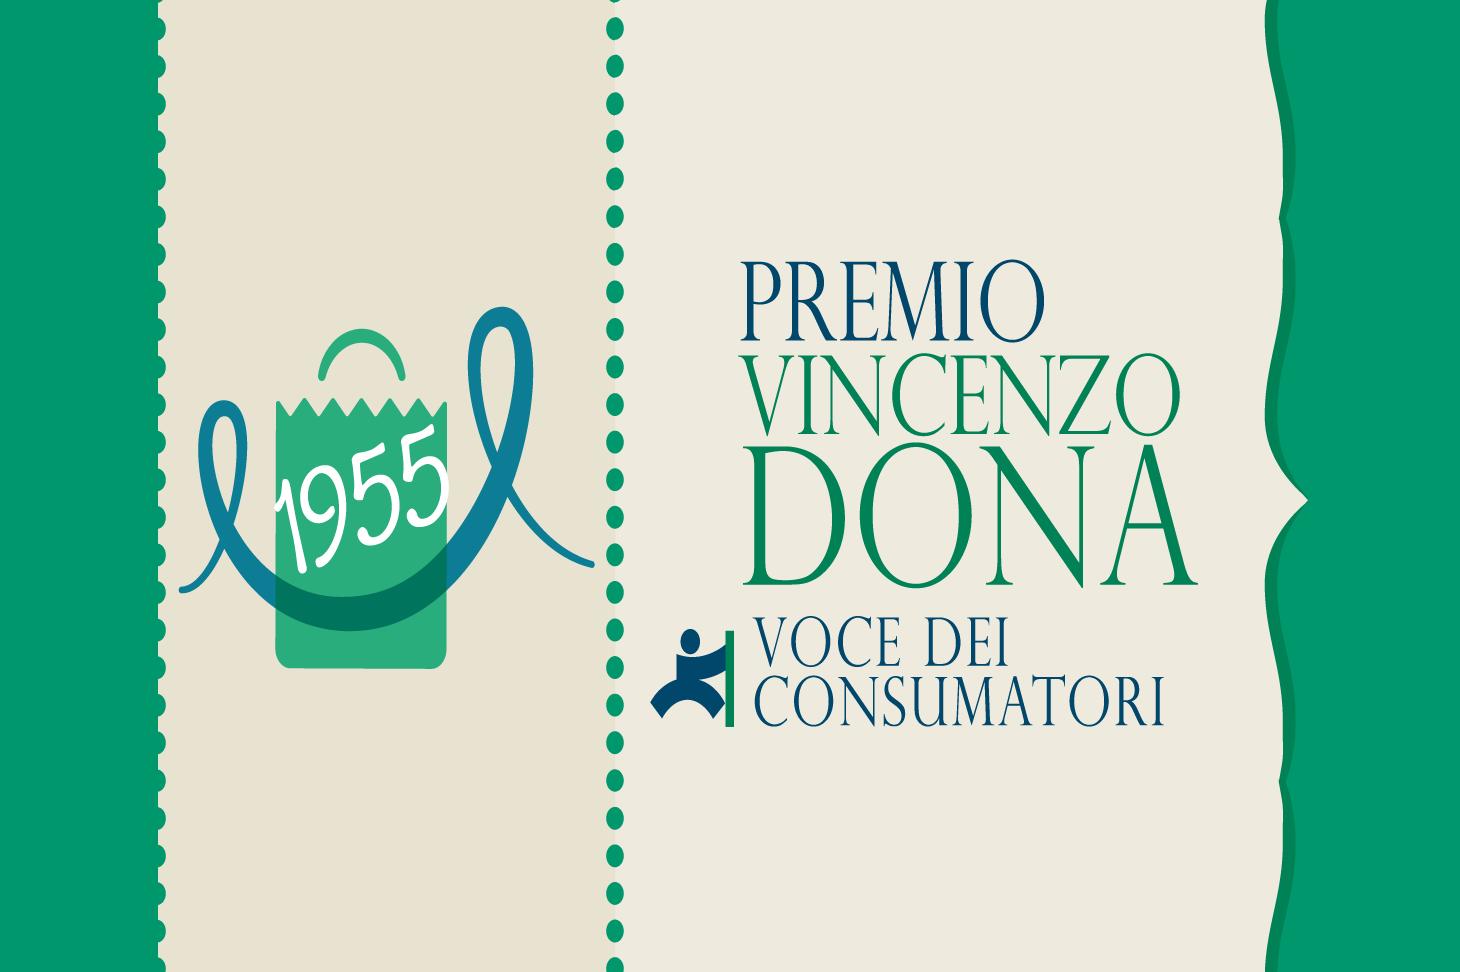 """Premio """"Vincenzo Dona, voce dei consumatori"""" sulla tutela del consumatore"""